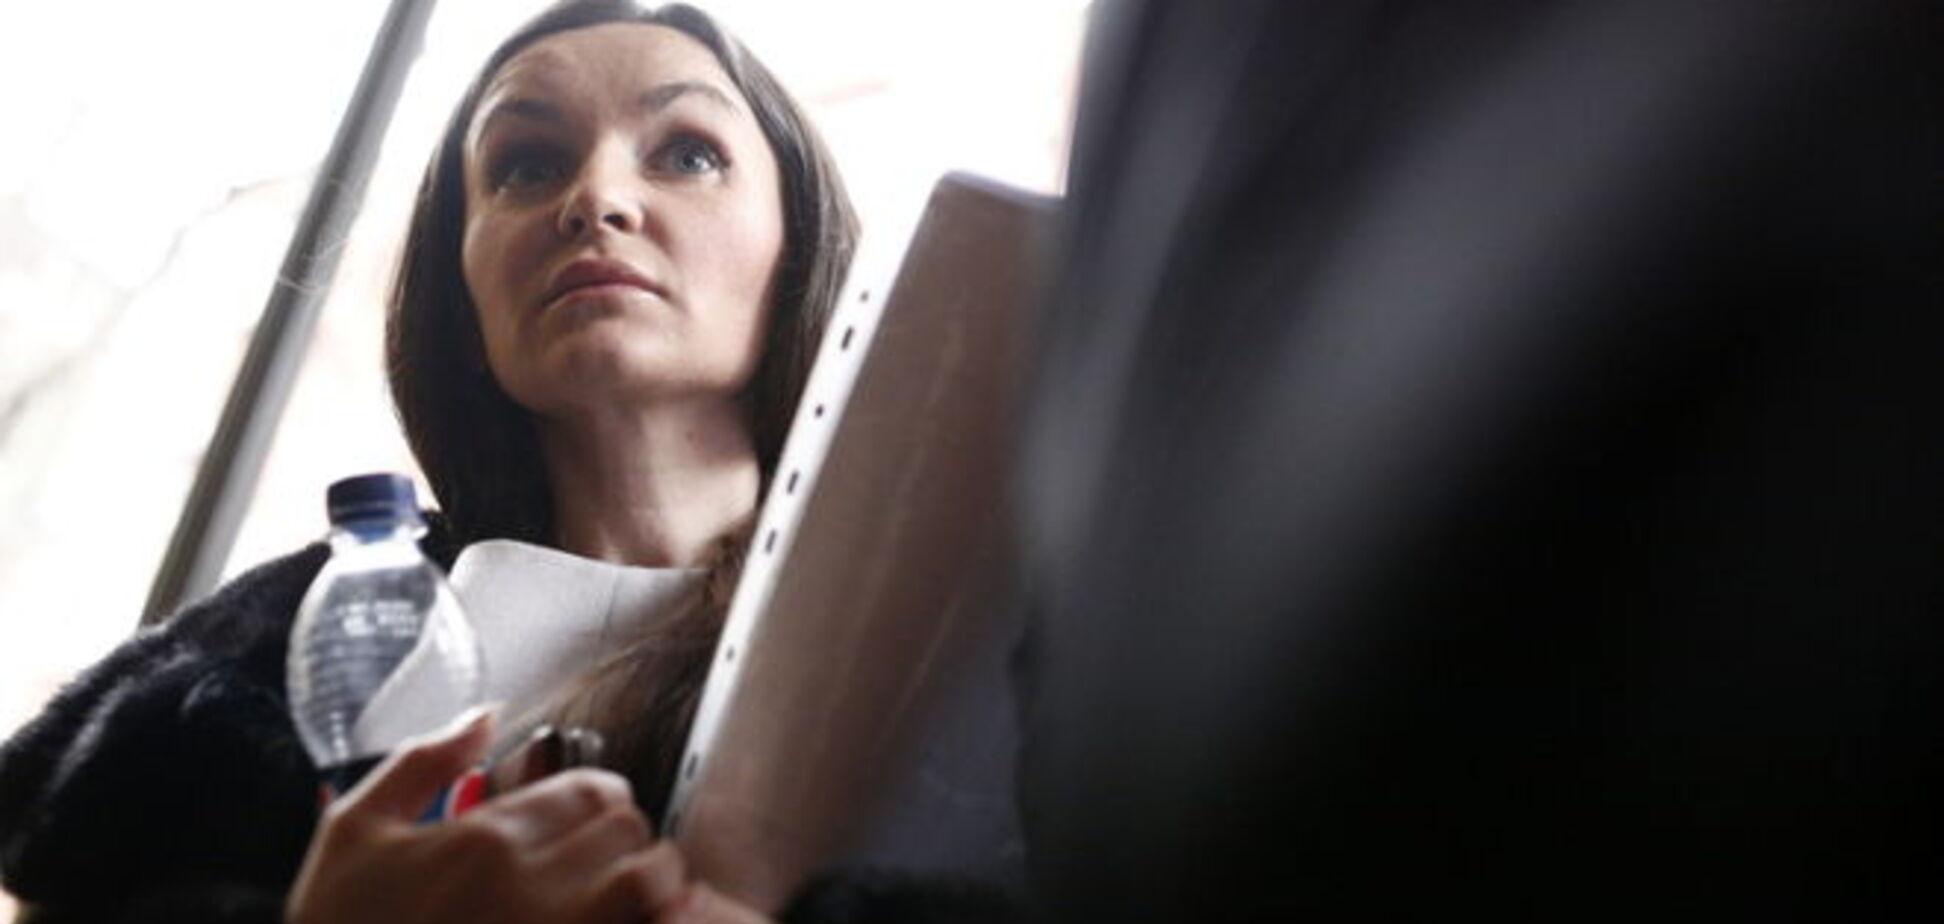 Судью, отпустившую Ефремова за 'копеечный' залог, вызвали на допрос в прокуратуру